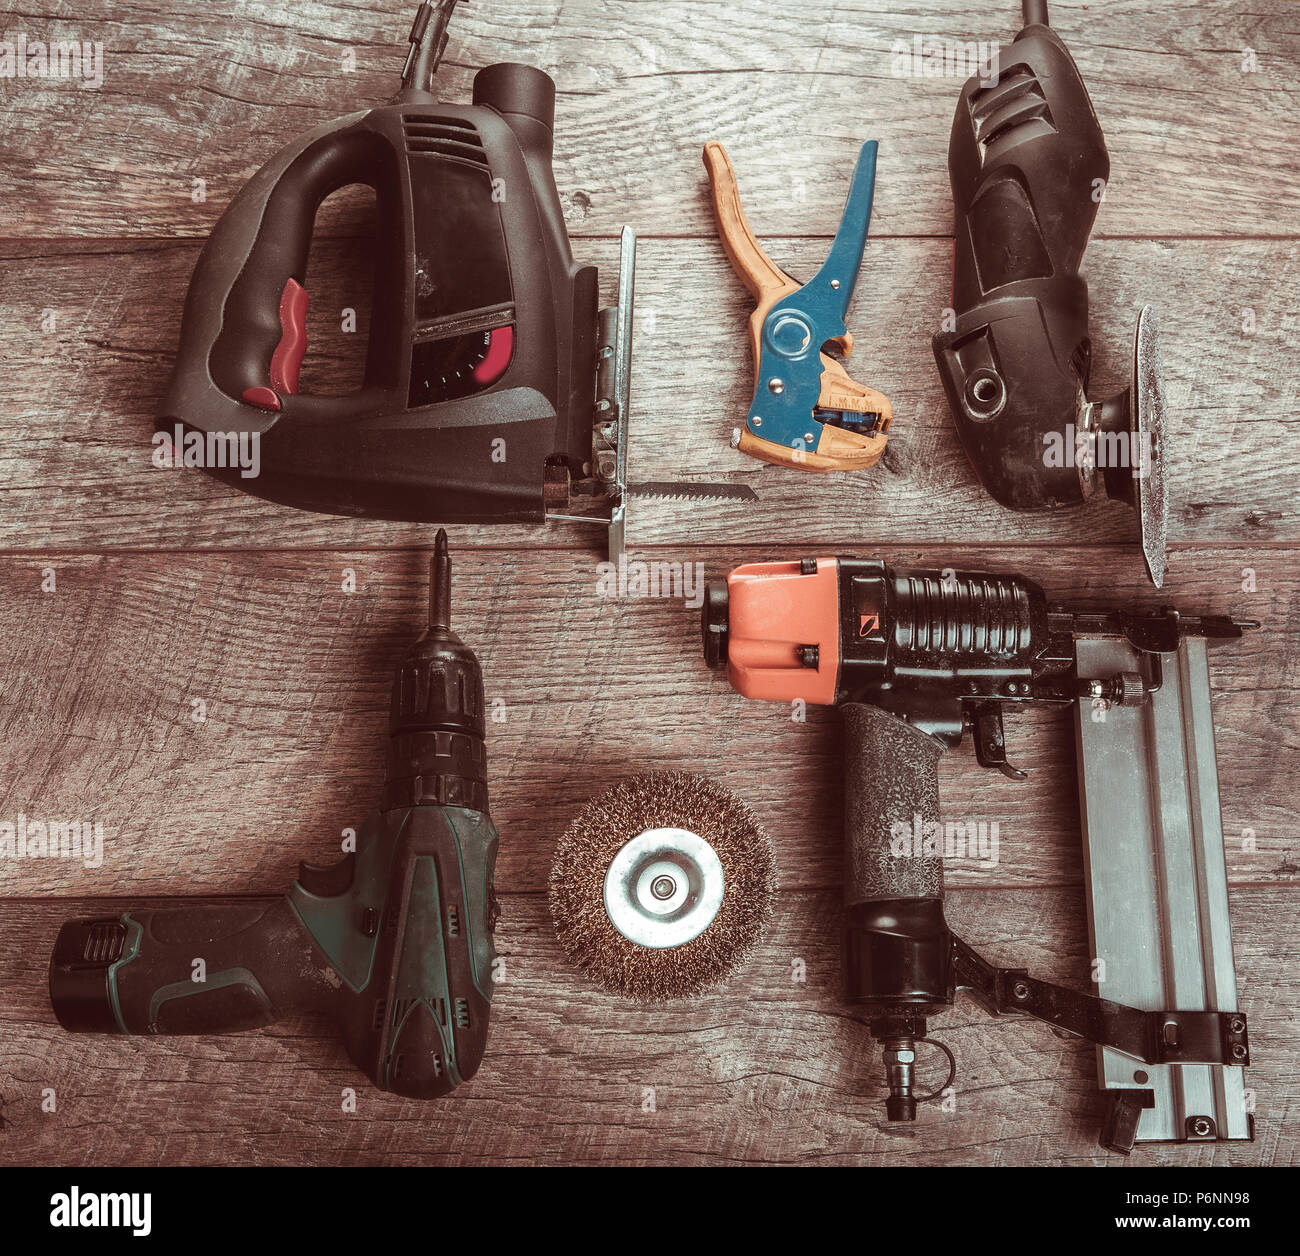 Elektrische Handwerkzeuge, Schraubendreher, Bohrer Säge Stichsäge vorschäler. Stockfoto